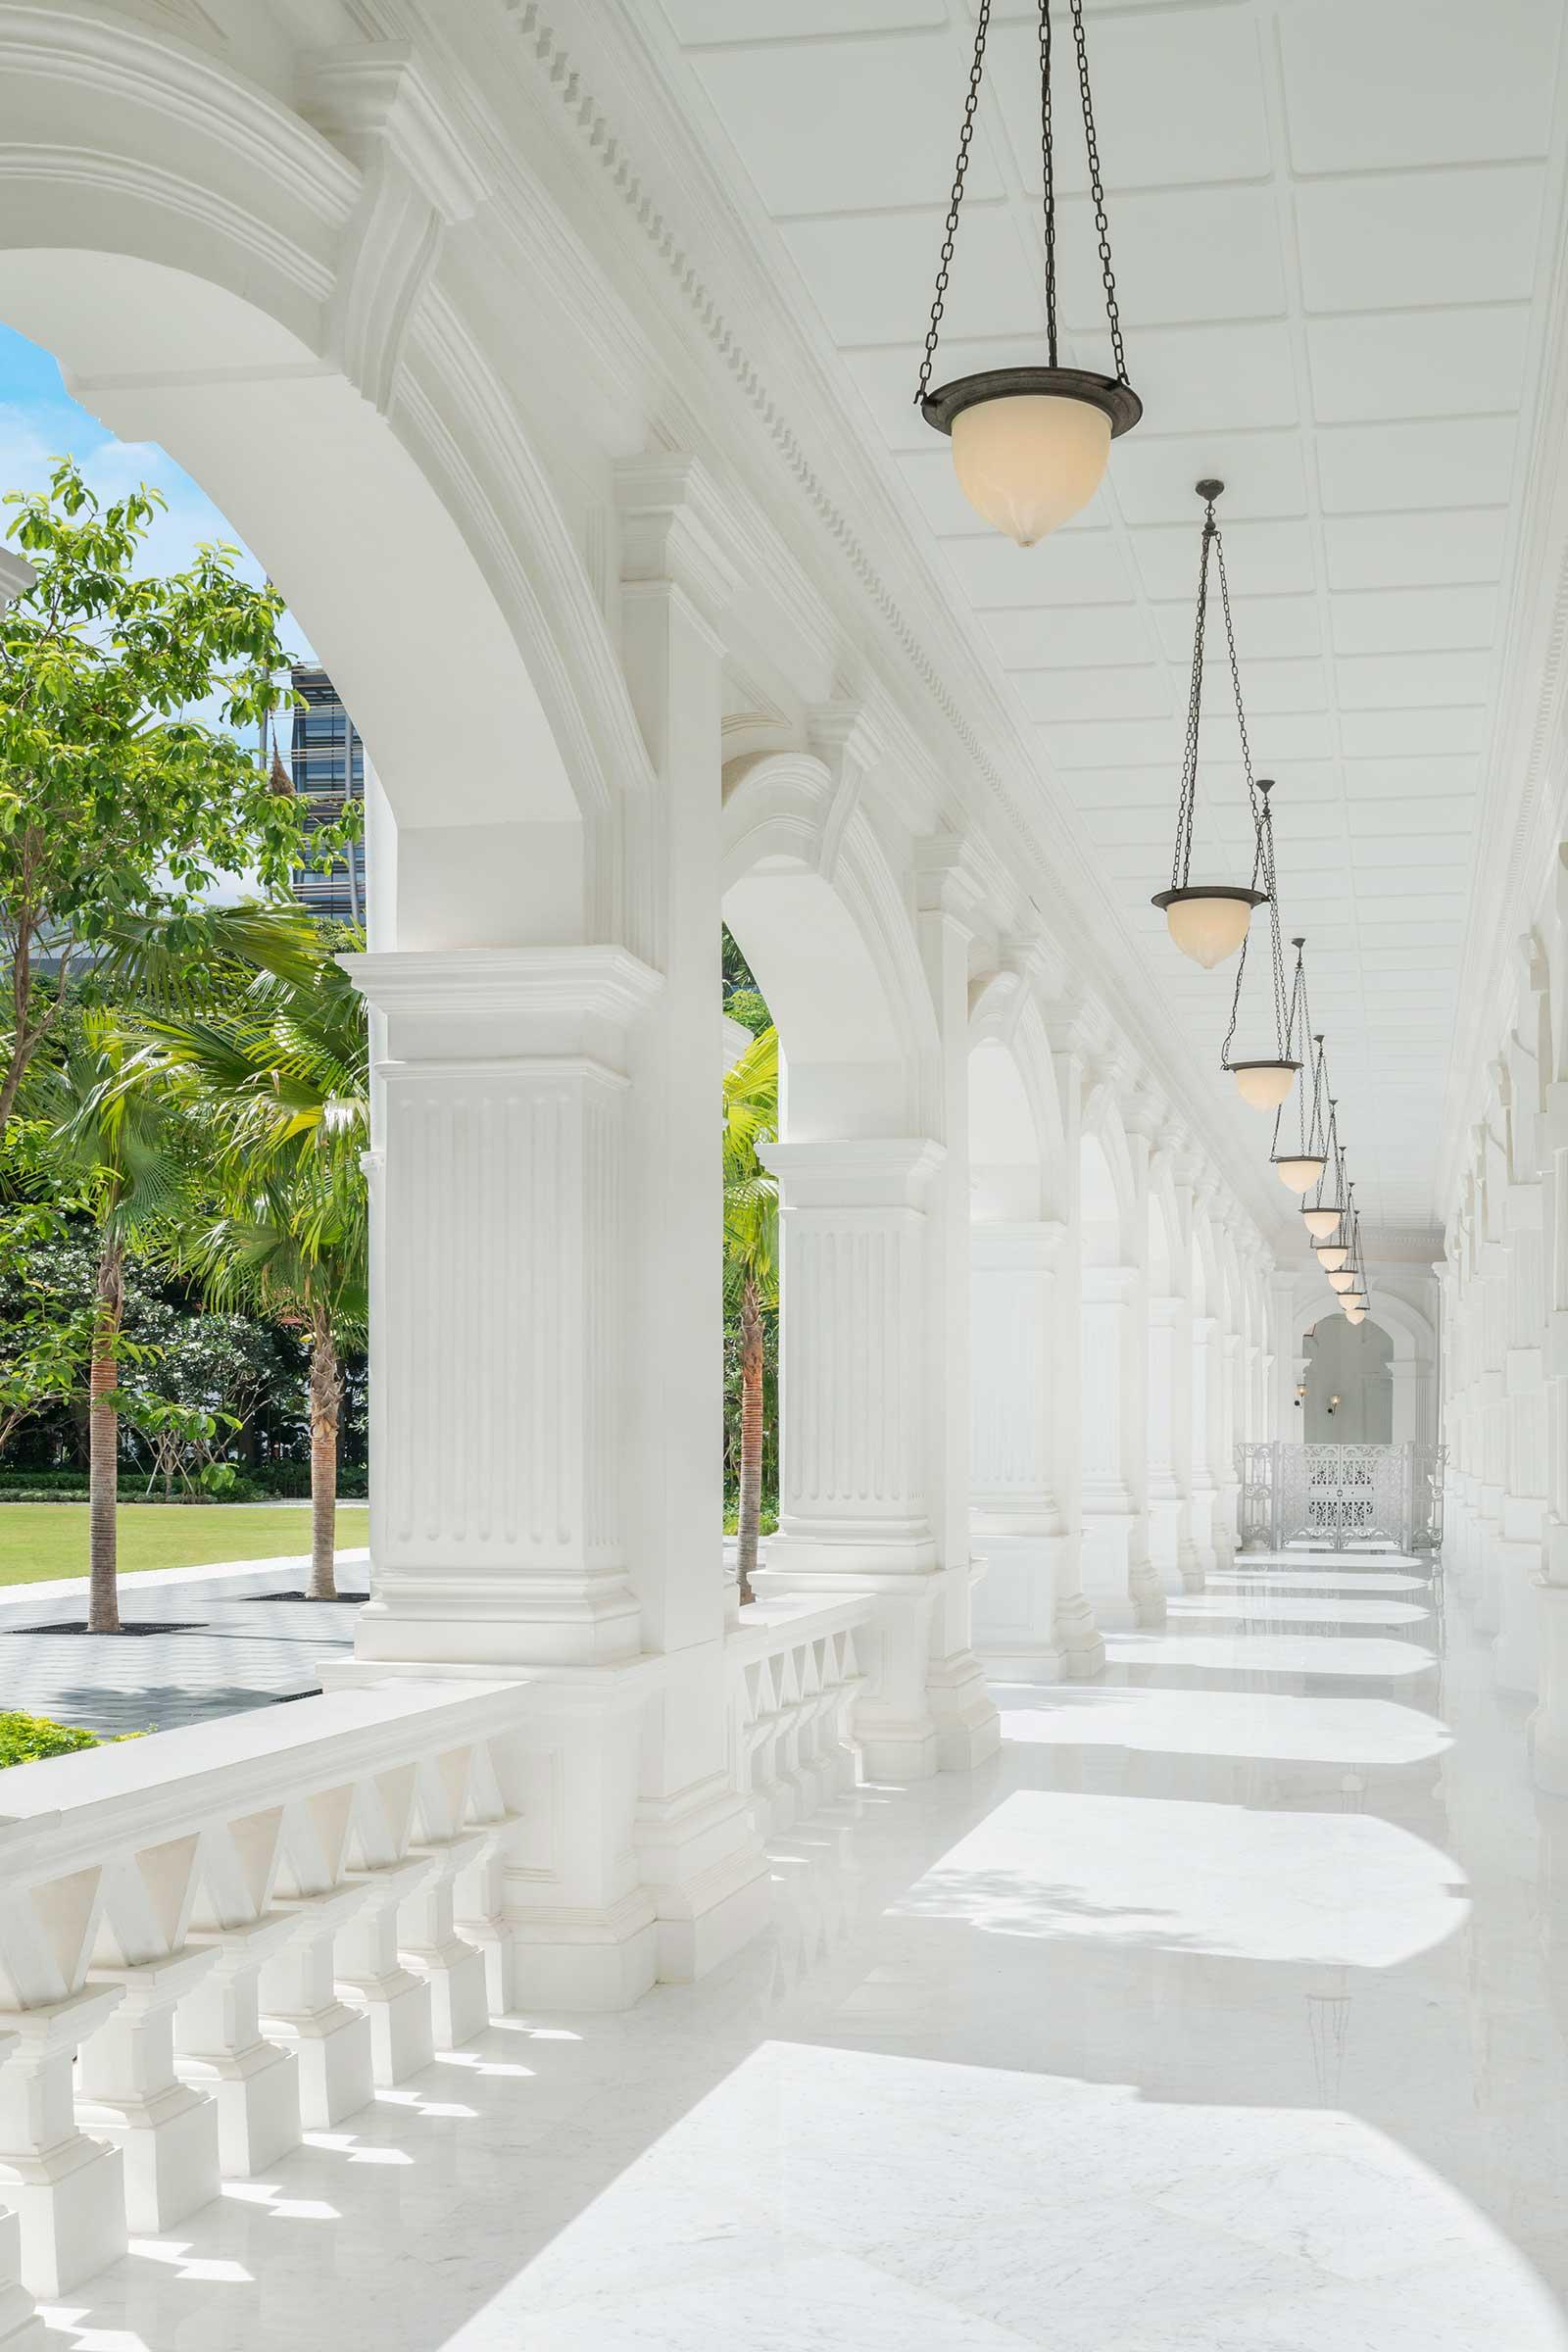 Colonnade_Walkway.jpg